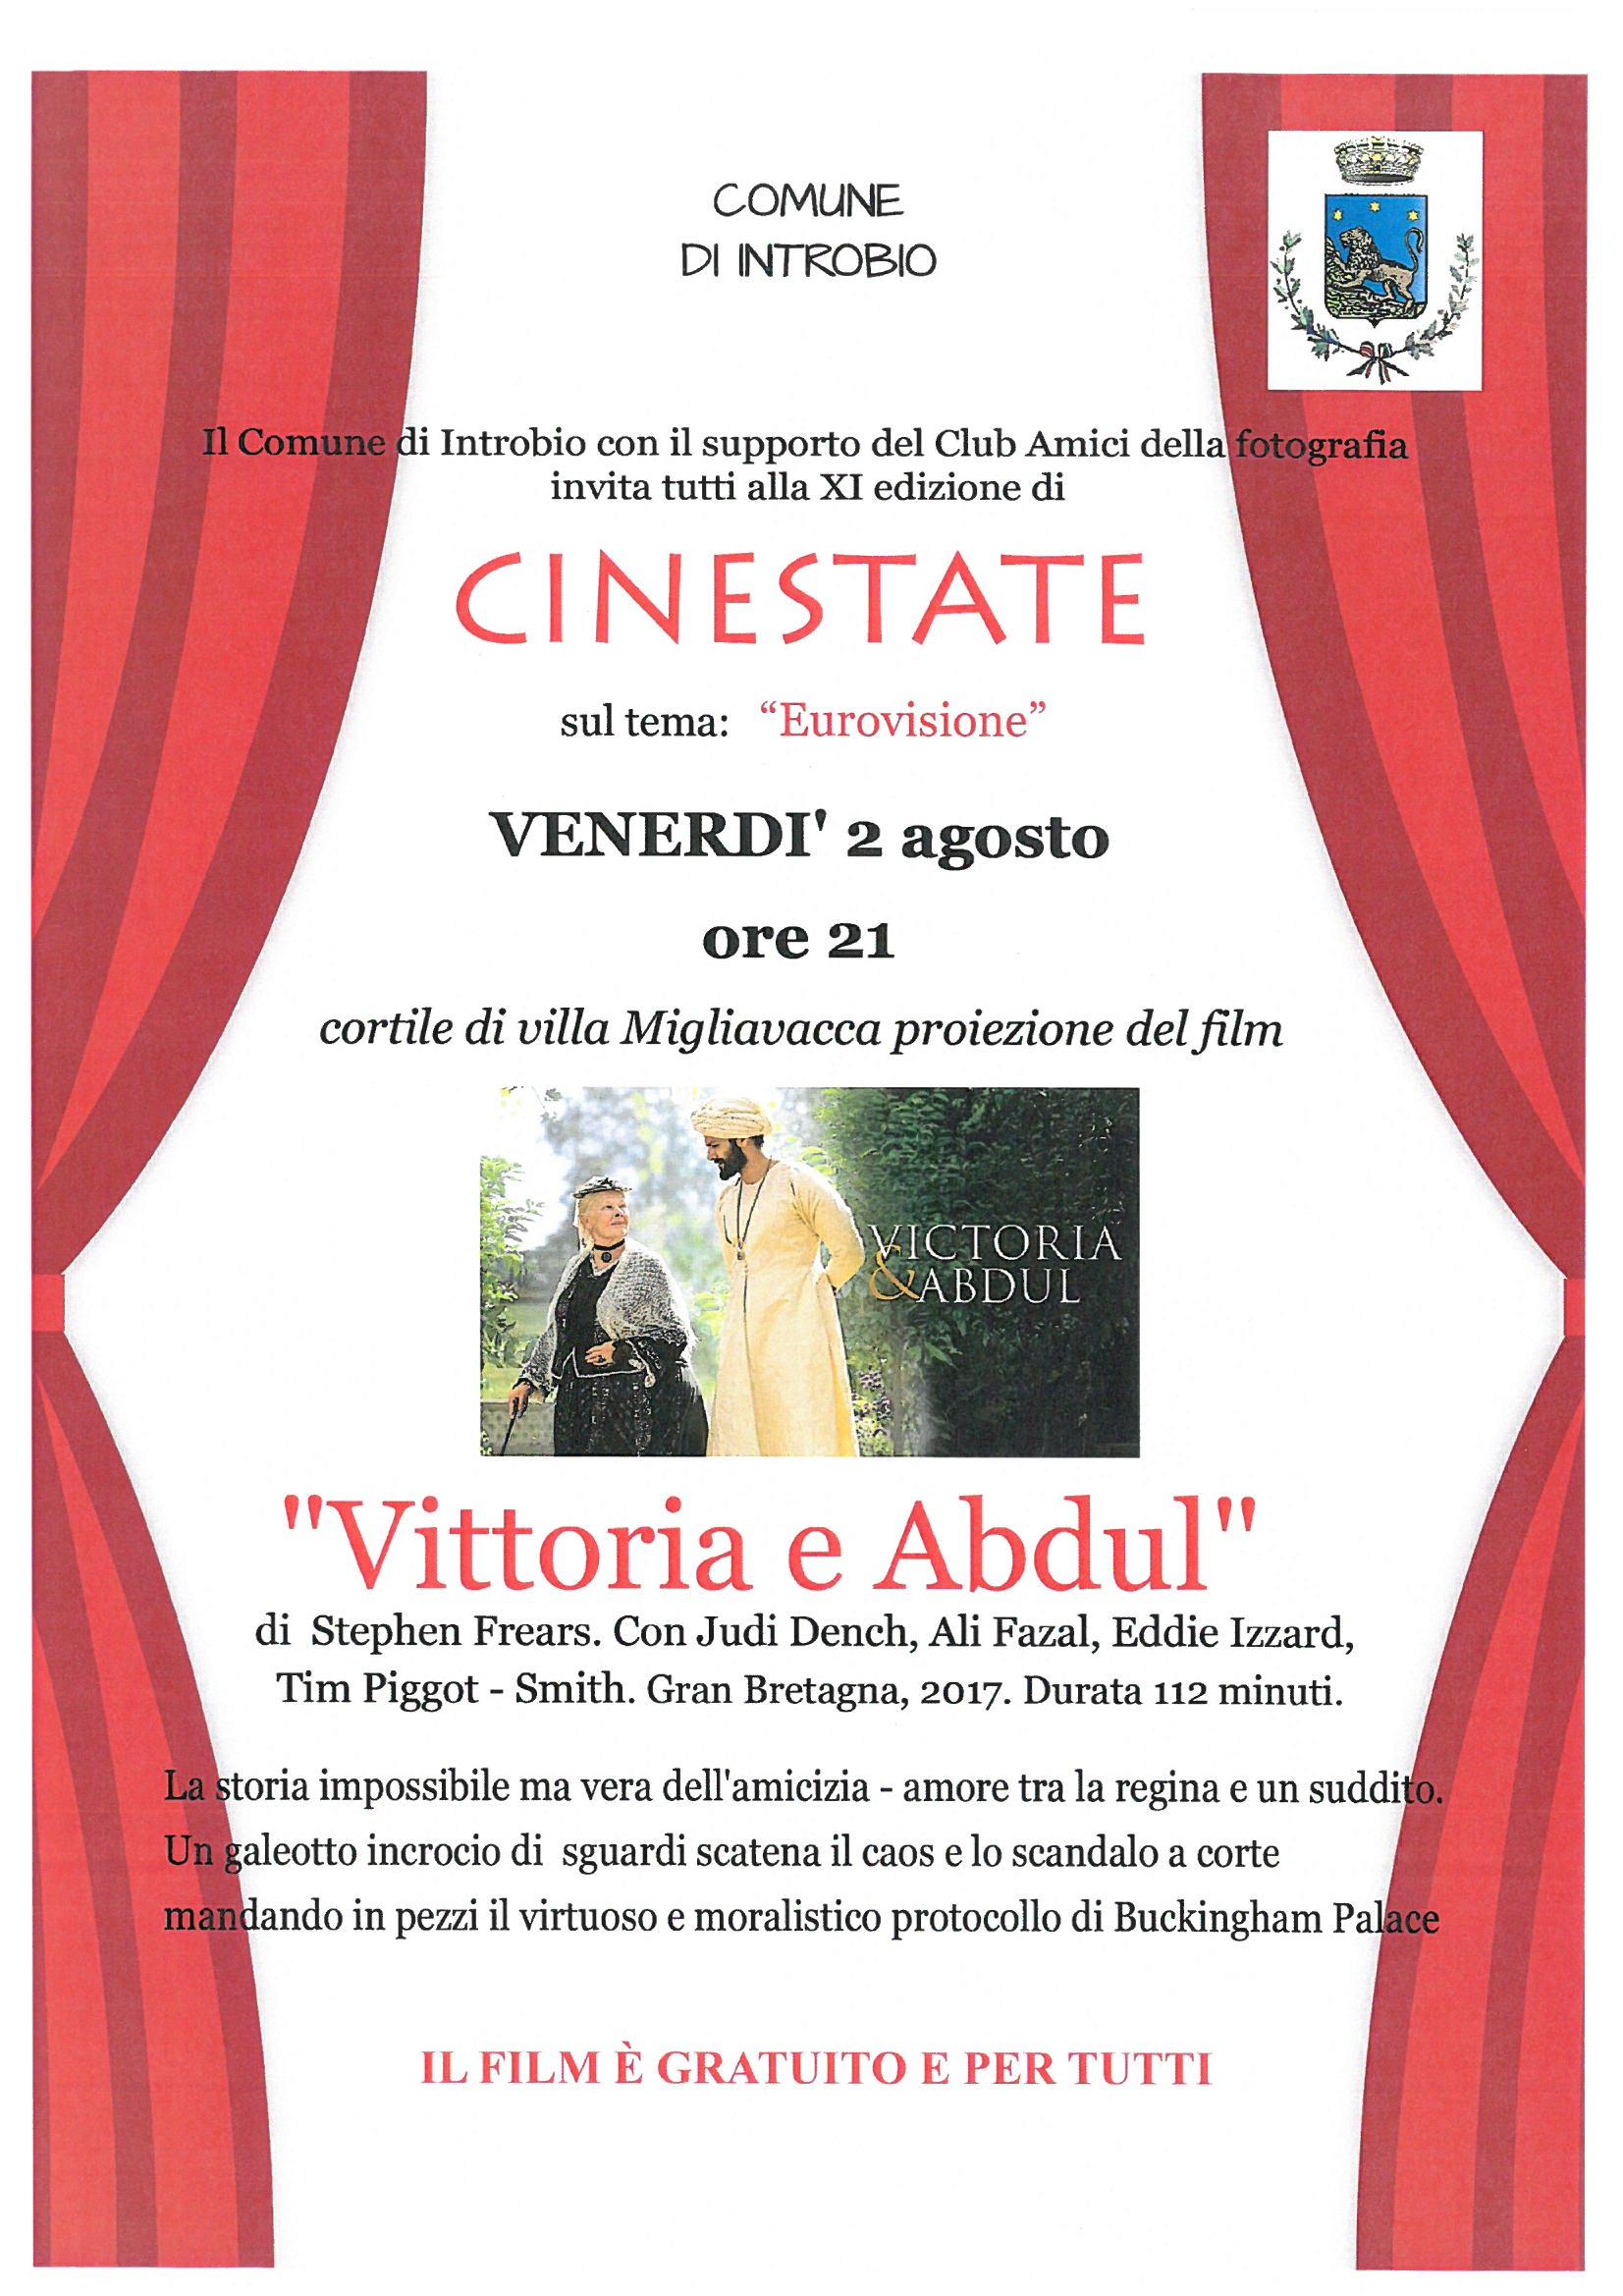 Cinestate a Introbio